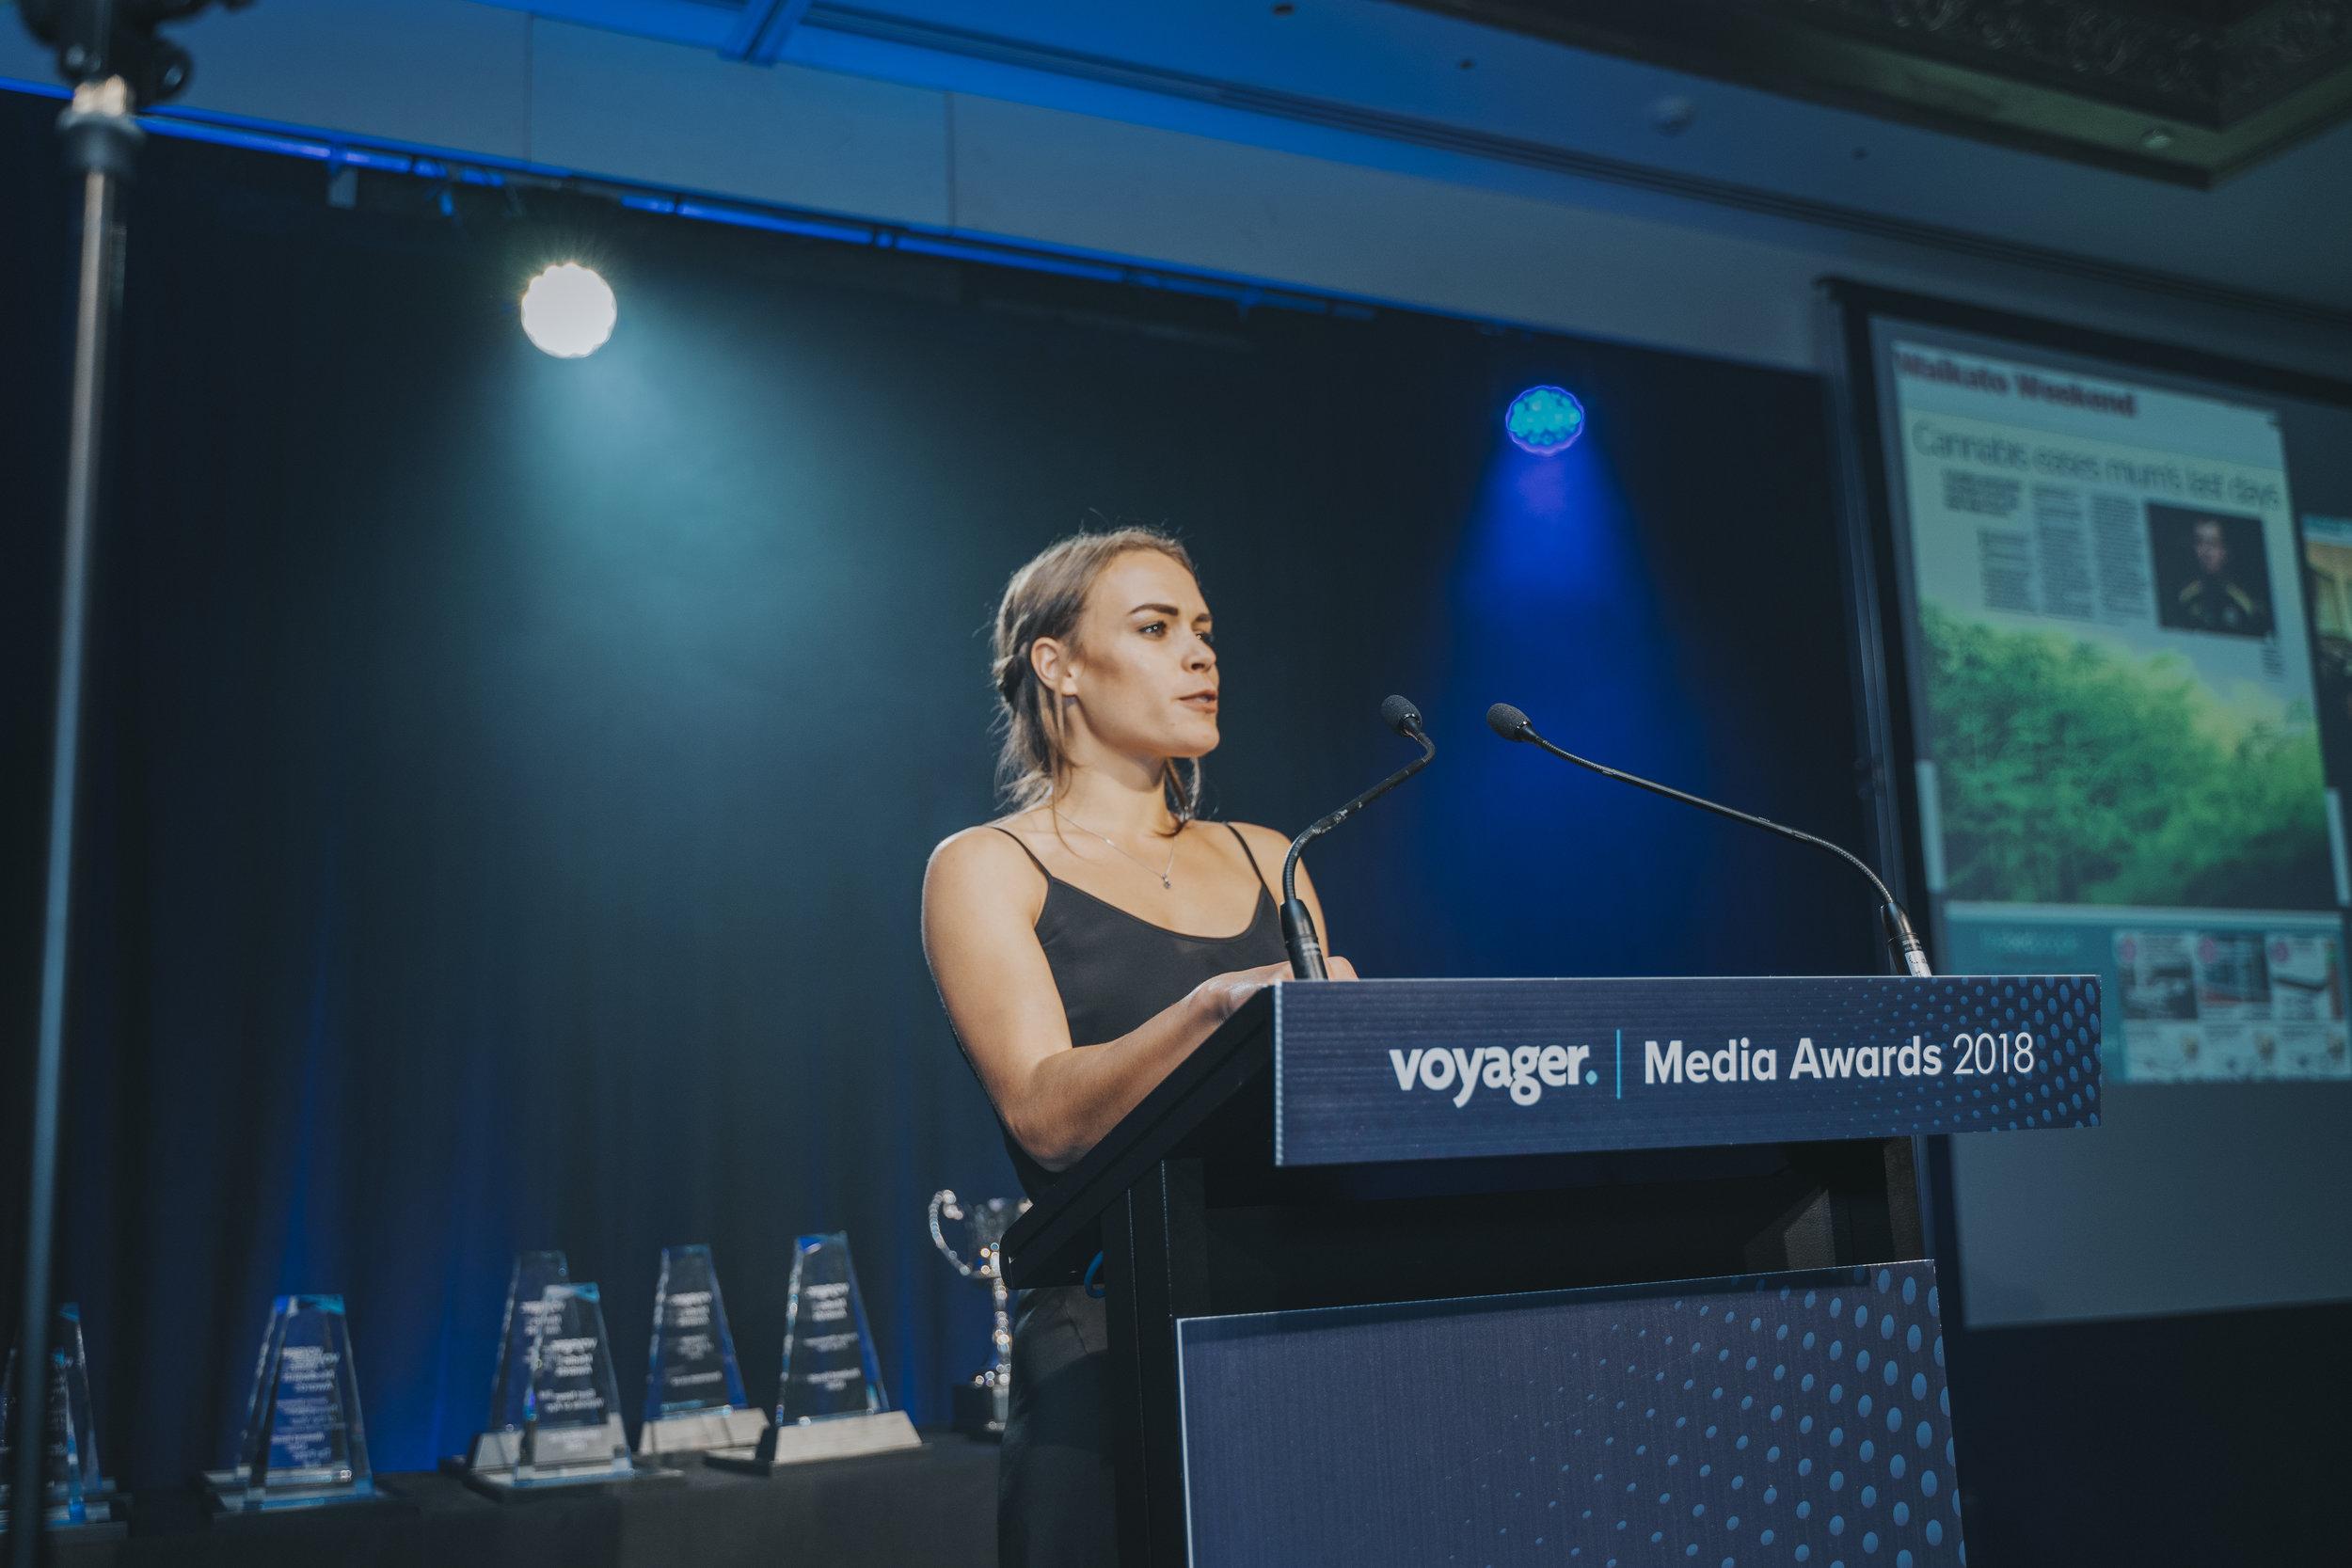 Voyager Media Awards 2018-322.JPG